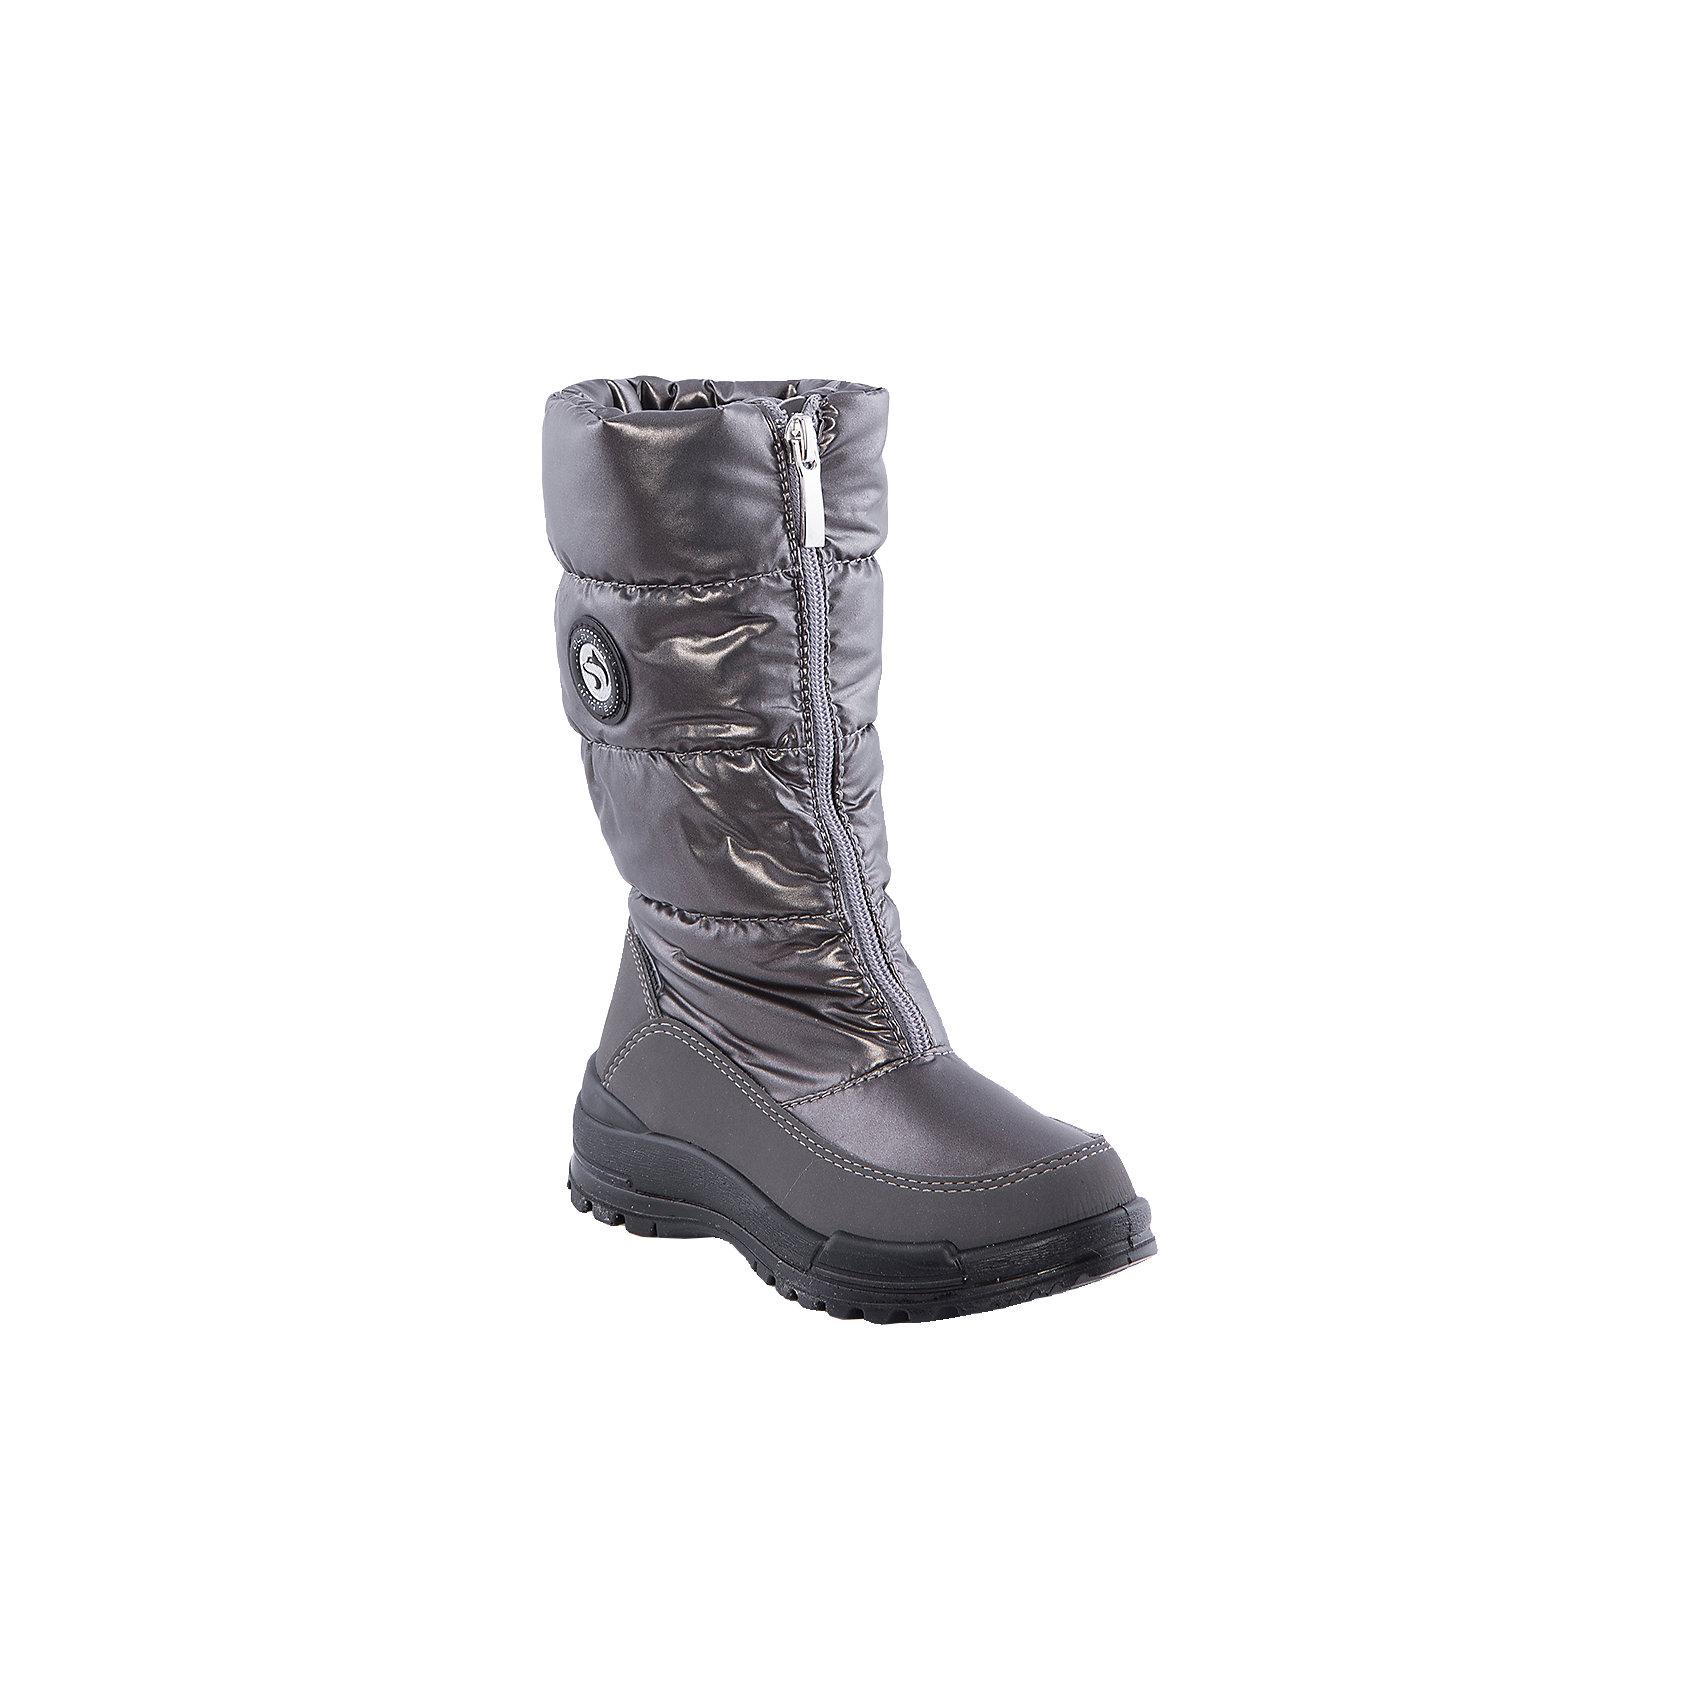 Сапоги для девочки Alaska OriginaleМембранная обувь AlaskaOriginale - это стильная, удобная и высокотехнологичная обувь нового поколения, которая при любой погоде остается сухой и теплой. Полиуретановая литая подошва с системой «ANTISLIDE» обеспечивает превосходное сцепление, высокую устойчивость к деформациям, низким температурами и гарантирует полную водонепроницаемость. Мембрана позволяет стопе «дышать», сохраняя ее сухой. Благодаря всем этим свойствам обувь обеспечивает комфорт при ношении от +5 до -25 градусов.<br><br>Состав: <br>Материалы верха: Текстильные материалы. Подрошва:Термопластик.<br><br>Ширина мм: 257<br>Глубина мм: 180<br>Высота мм: 130<br>Вес г: 420<br>Цвет: золотой<br>Возраст от месяцев: 96<br>Возраст до месяцев: 108<br>Пол: Женский<br>Возраст: Детский<br>Размер: 31,33,30,29,28,32<br>SKU: 4399153